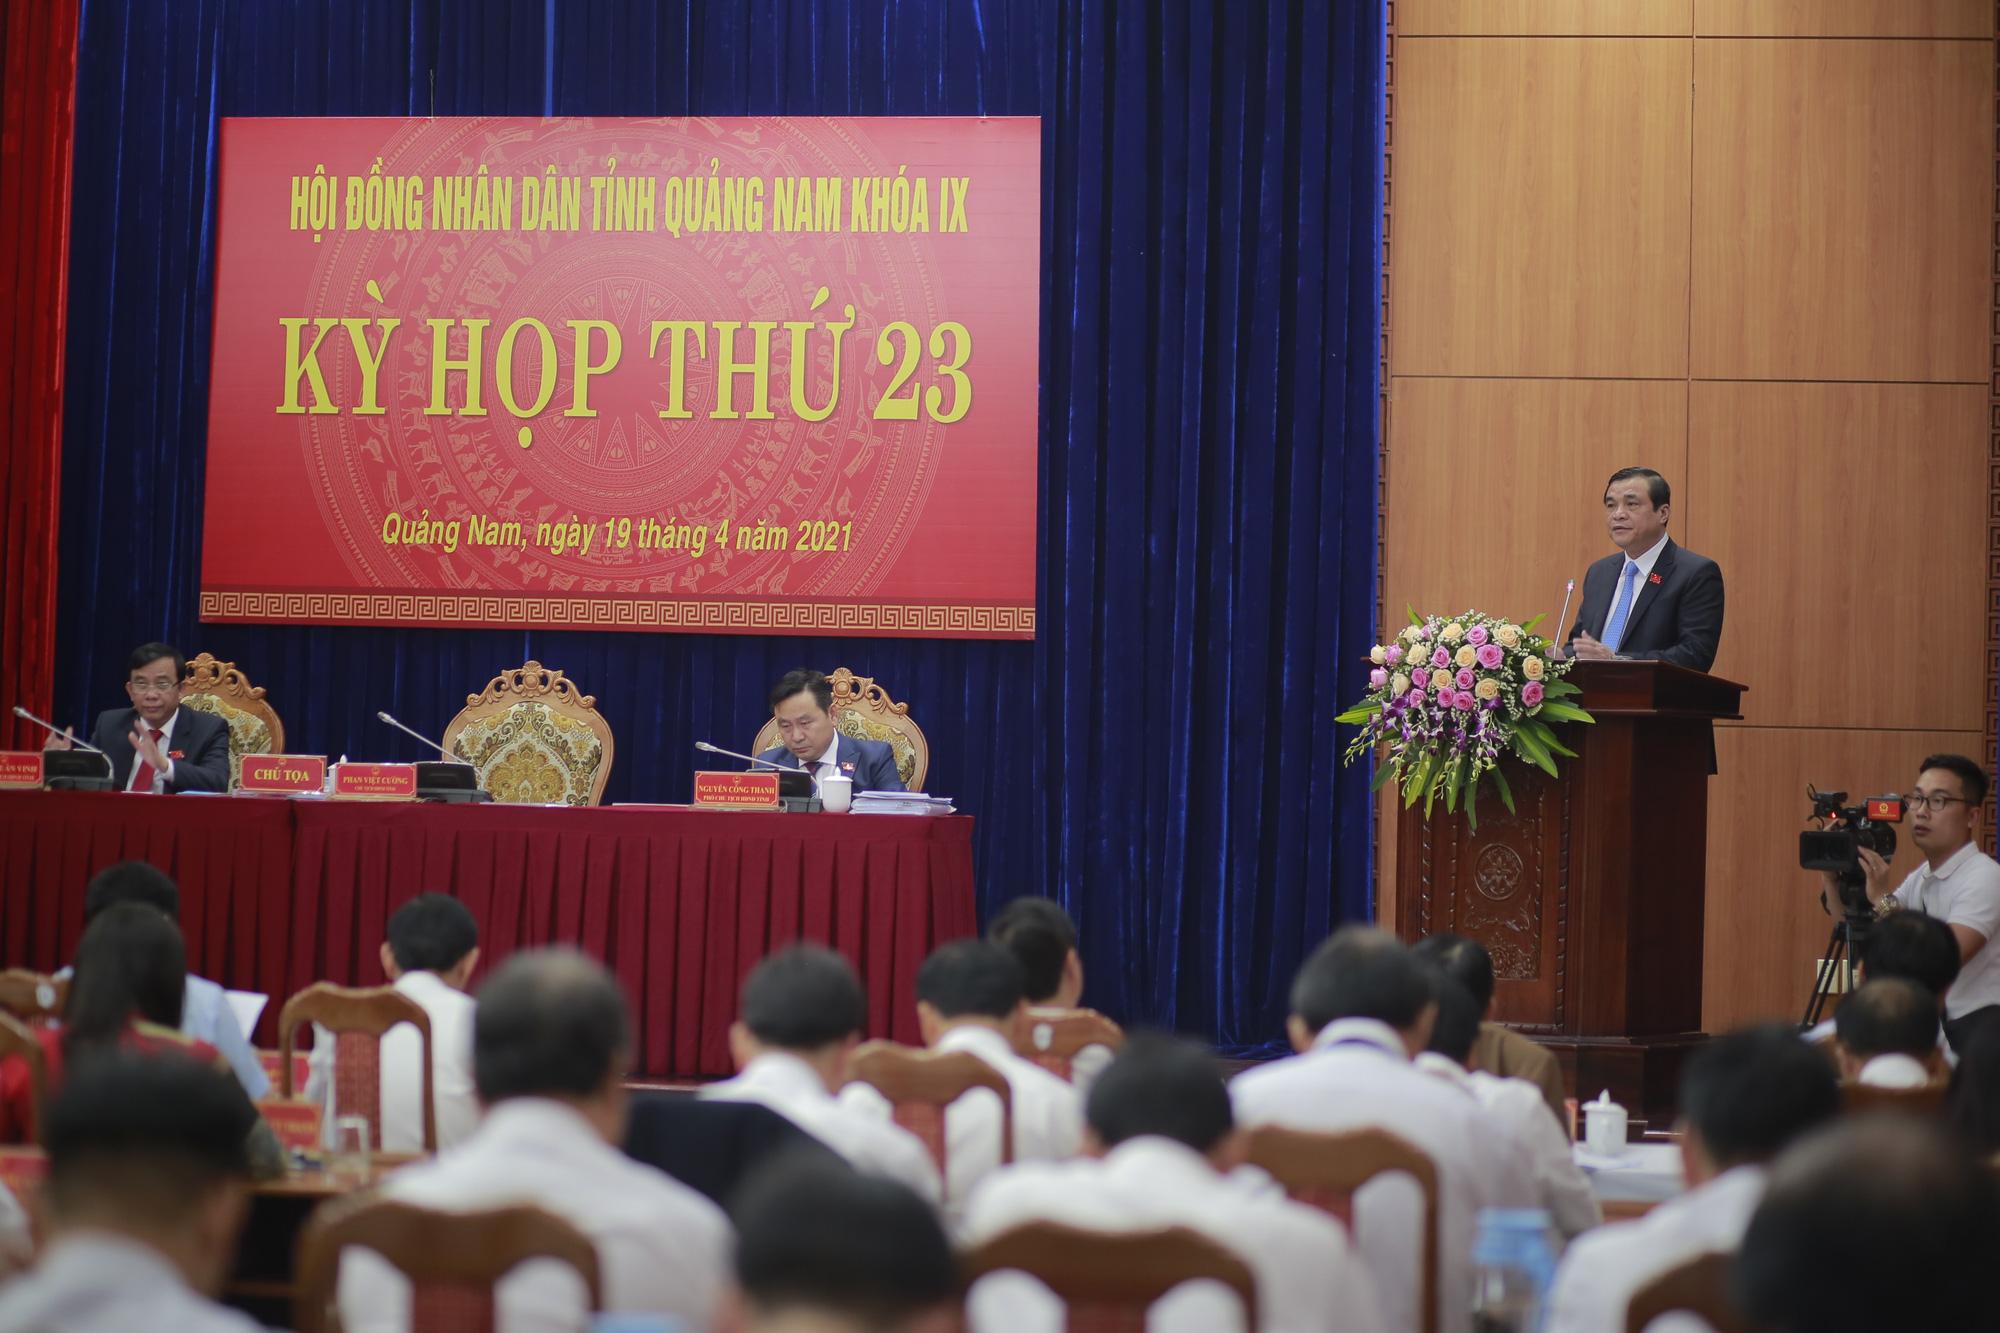 Quảng Nam: Những Nghị quyết nào sẽ được HĐND tỉnh ban hành tai kỳ họp thứ 23? - Ảnh 1.